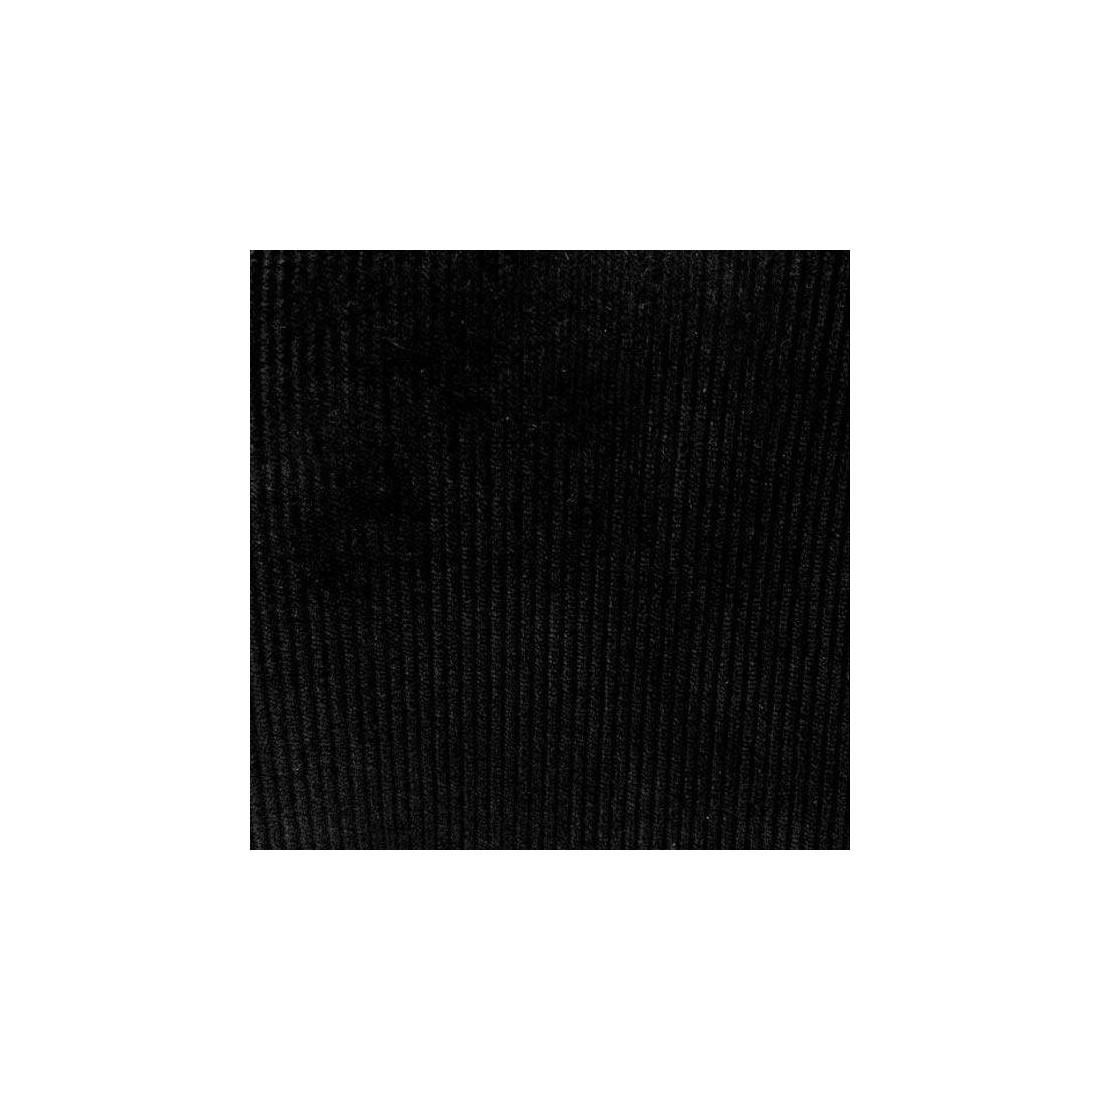 tissu d 39 origine noir c tel pour peugeot 205 gti et 205 cti. Black Bedroom Furniture Sets. Home Design Ideas